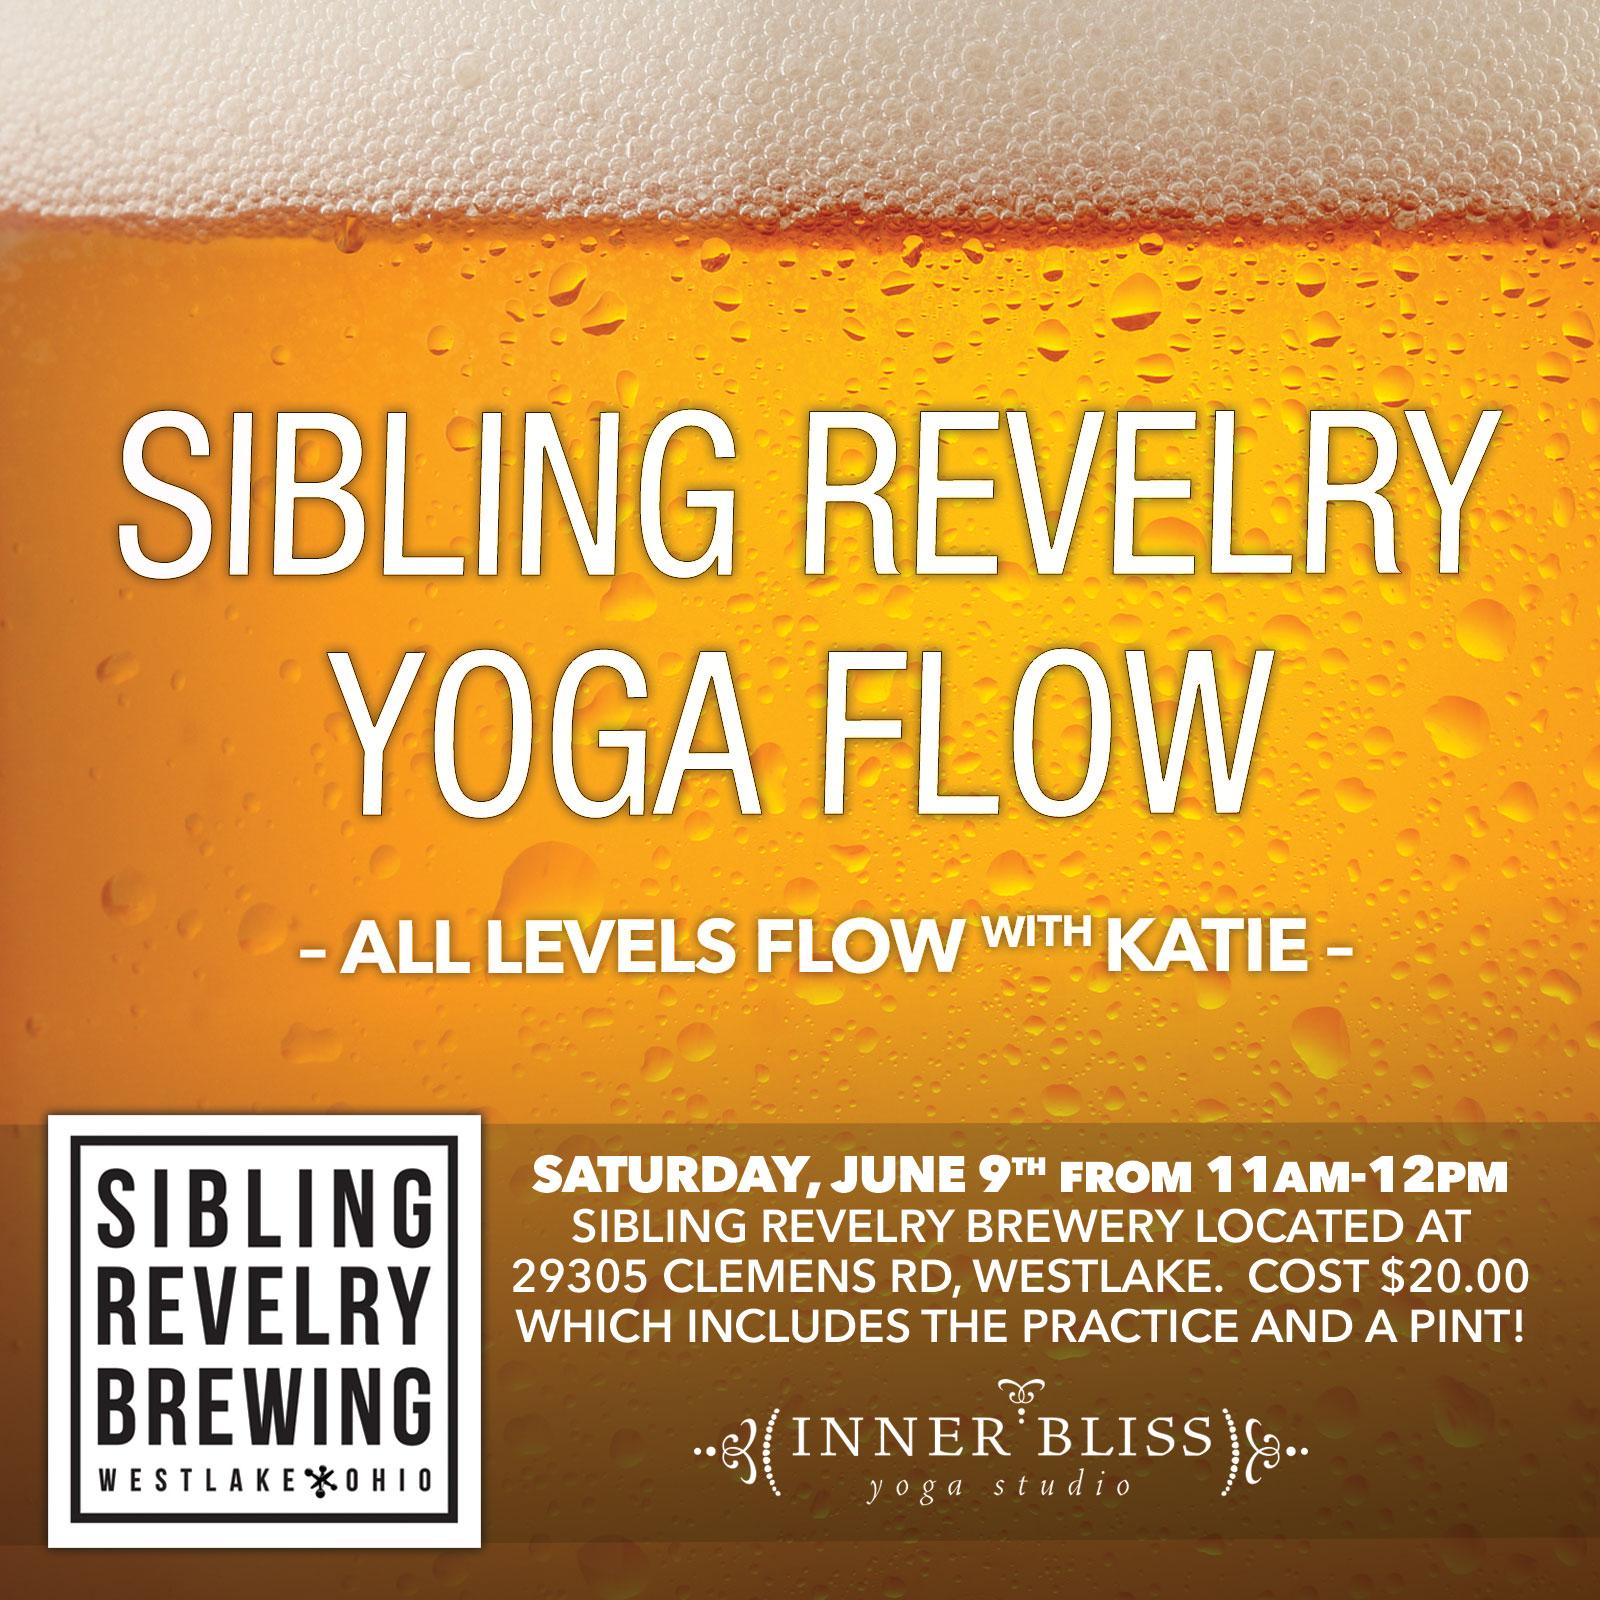 iby-sibling-revelry-flow-katie.jpg